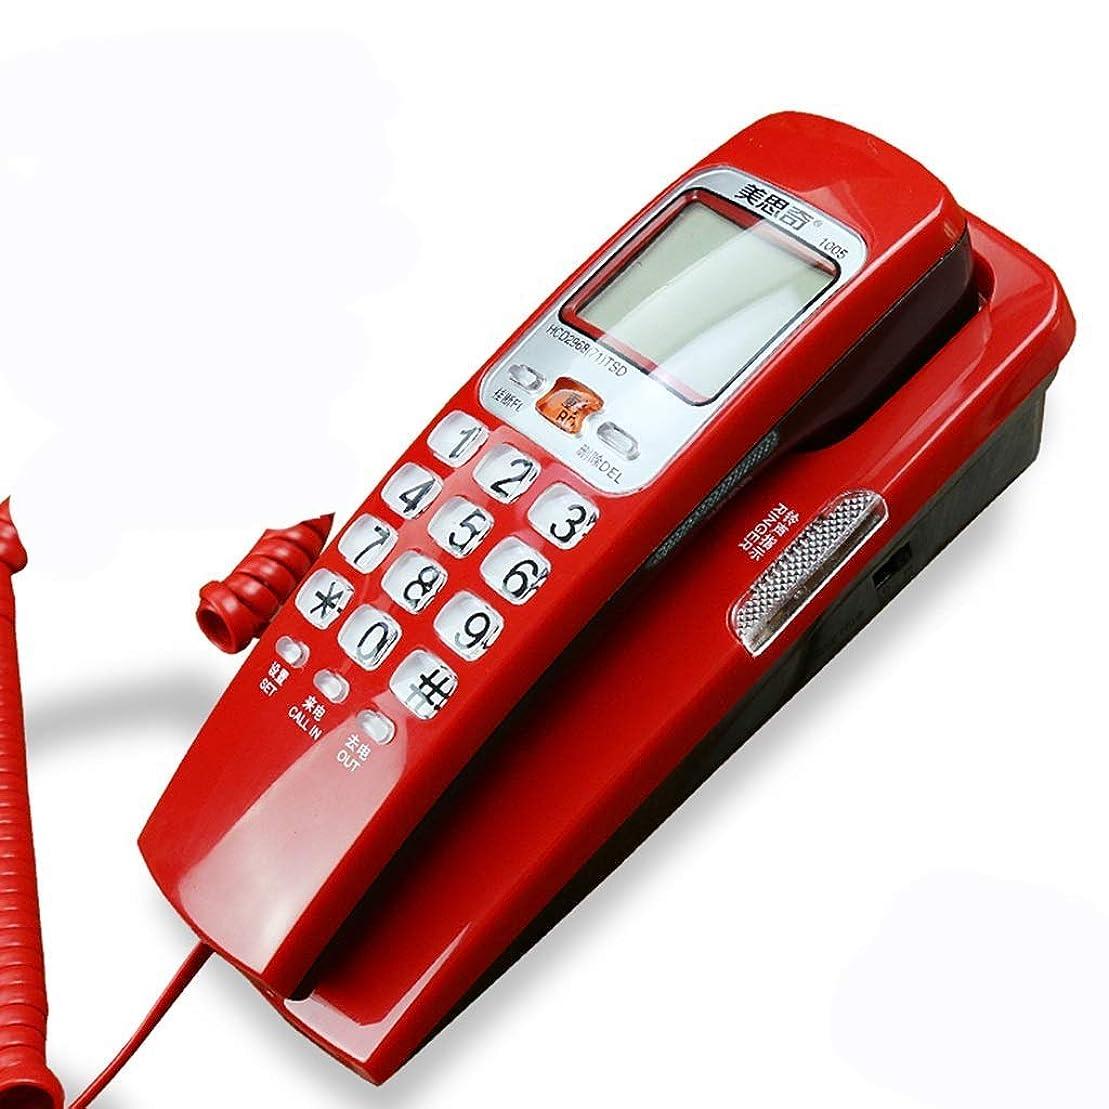 朝ごはんウナギ出費壁掛け電話の発信者IDの小さなフックフリーのバッテリーフリーの着信音の調整 あなたは最高です (色 : 3)